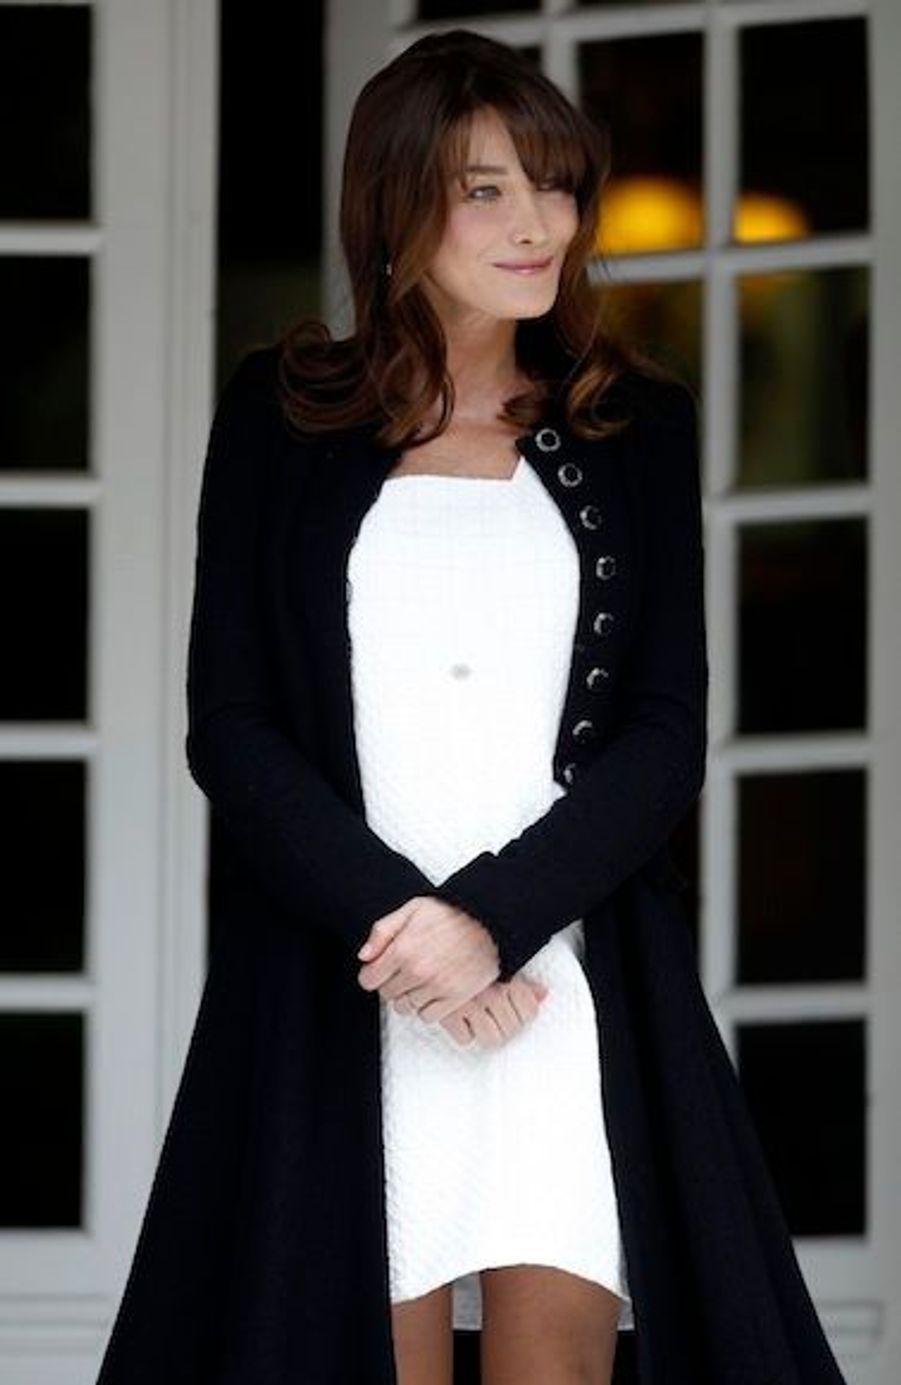 Au sommet du G8 de Deauville, en mai 2011. Si sa famille avait reconnu qu'elle était enceinte, Carla Bruni n'avait pas encore personnellement confirmé l'heureux événement, mais déjà sa mine radieuse trahissait une bonne nouvelle...